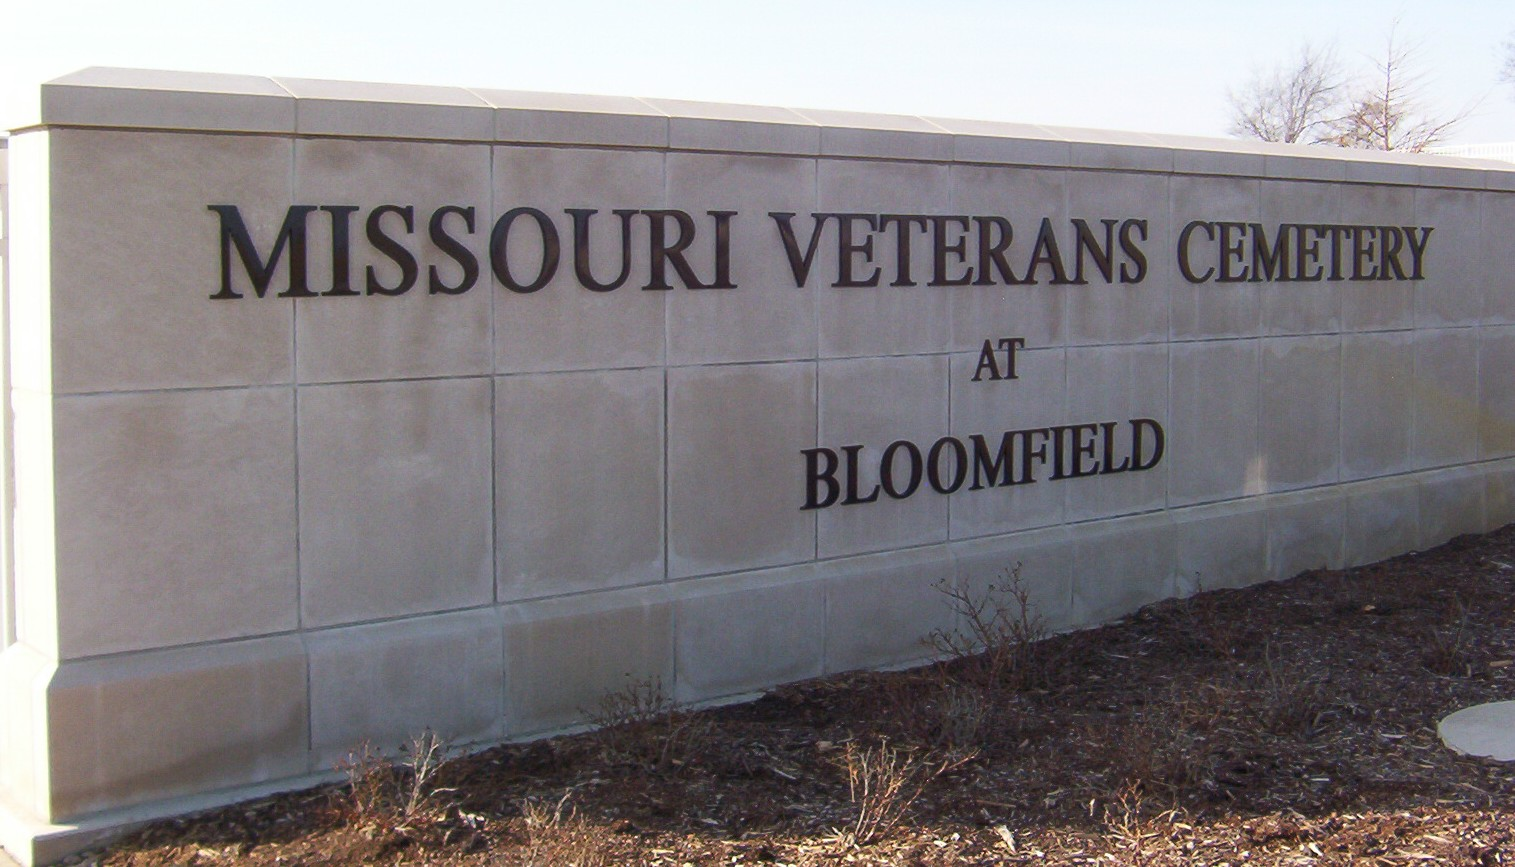 Missouri Veterans Cemetery at Bloomfield